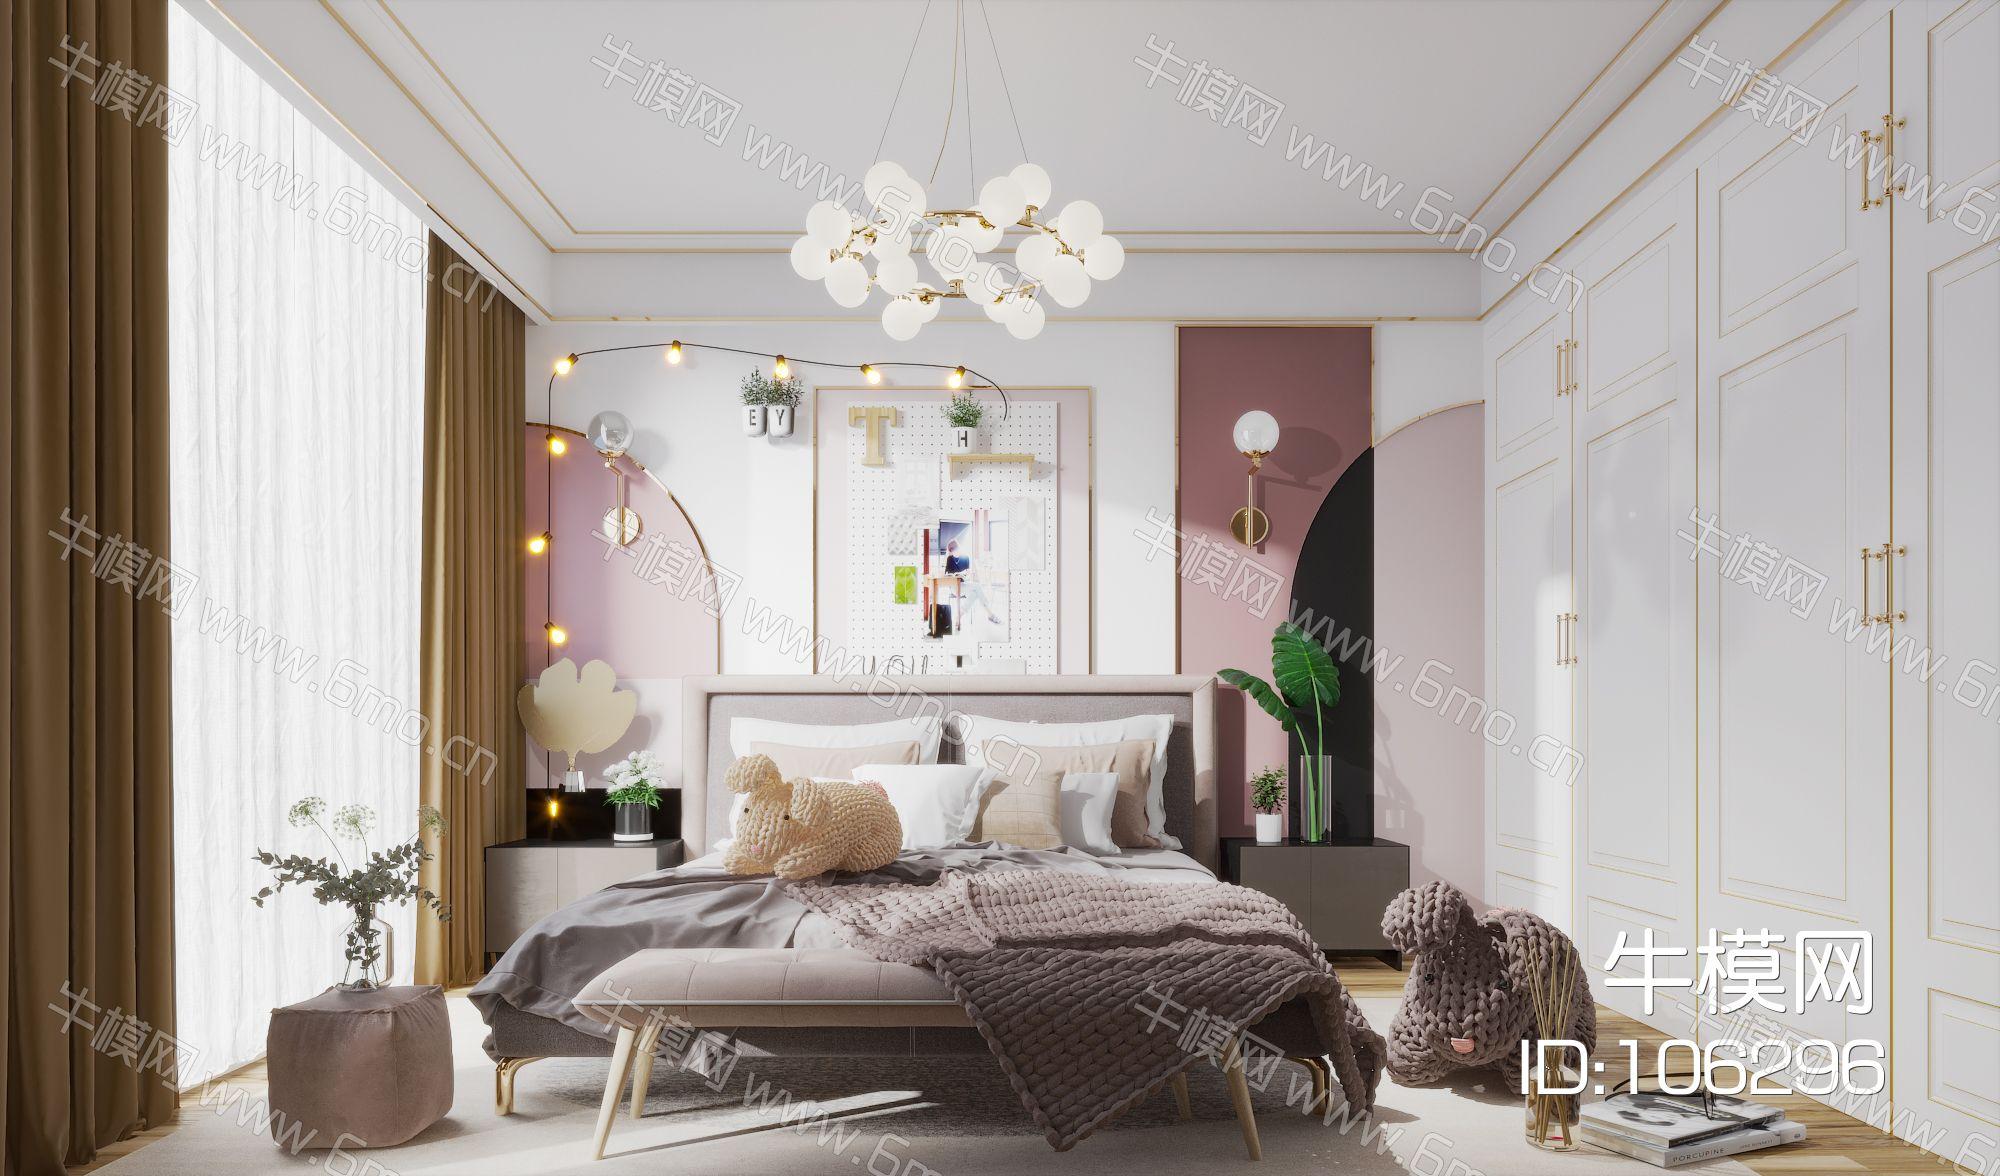 现代简约北欧轻奢风格卧室